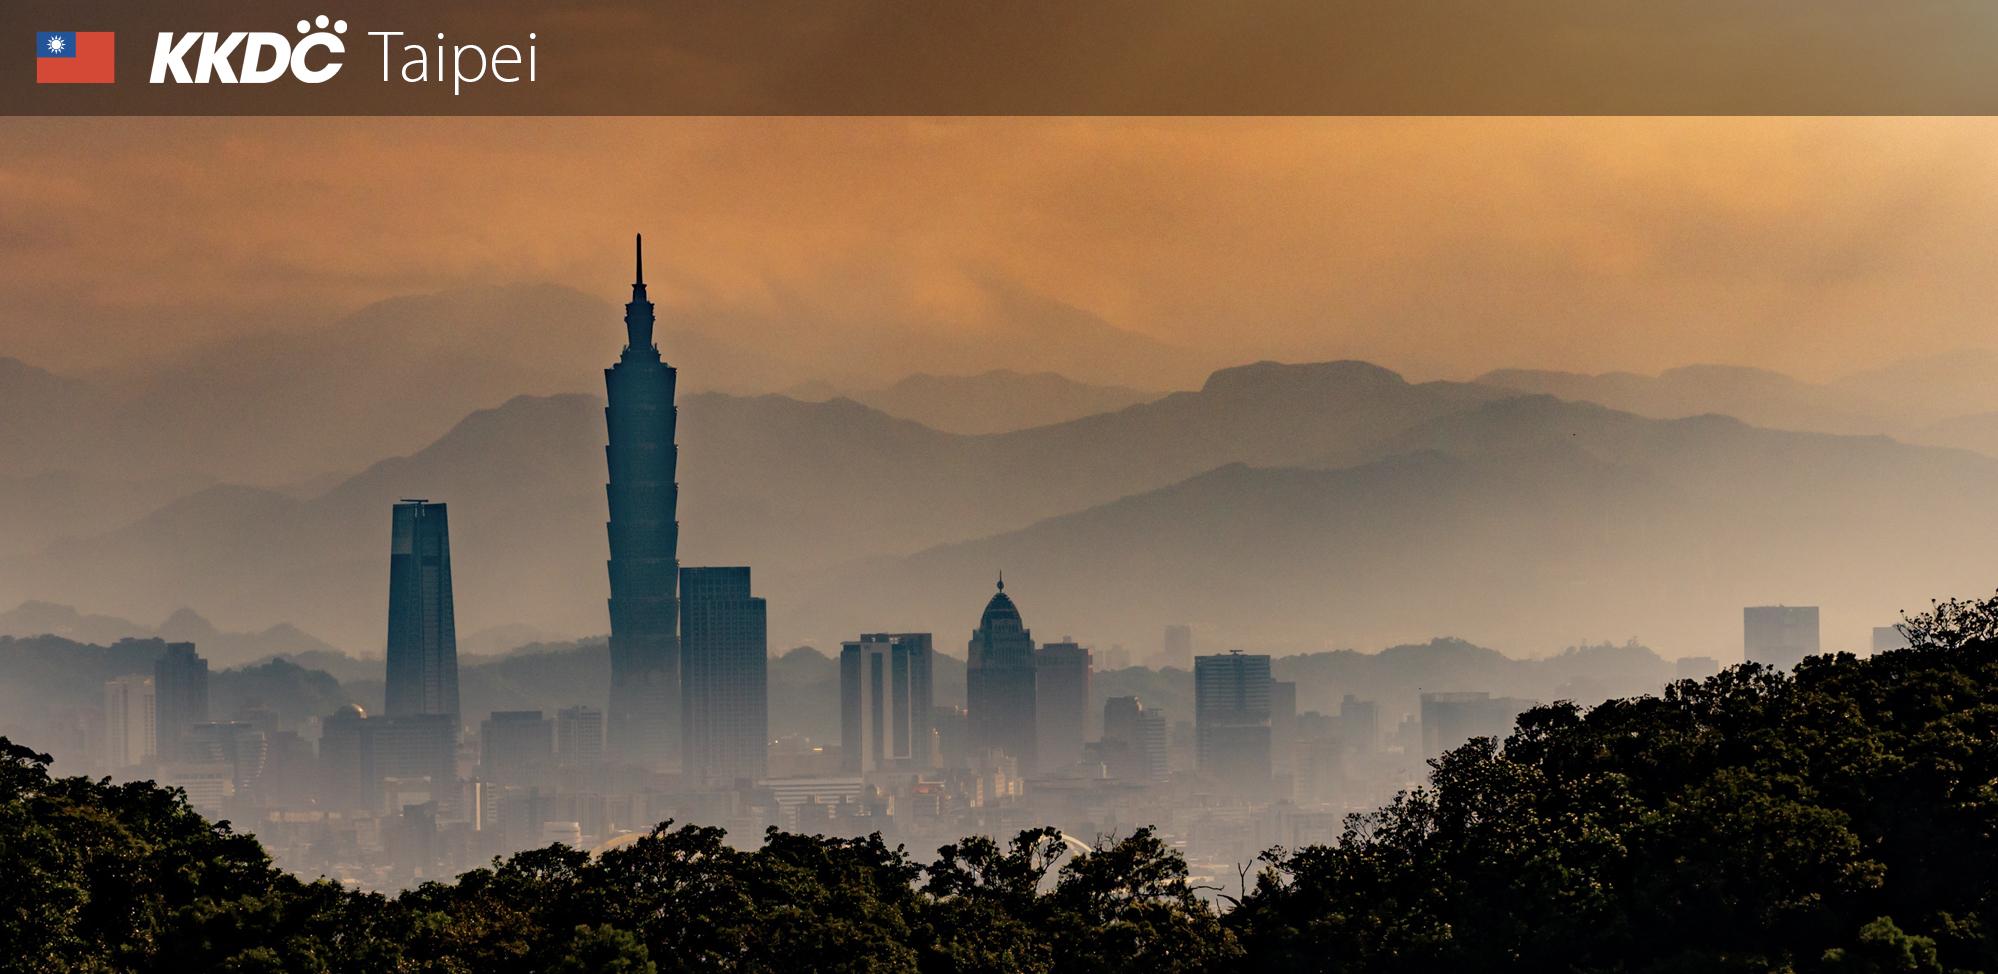 KKDC Taipei